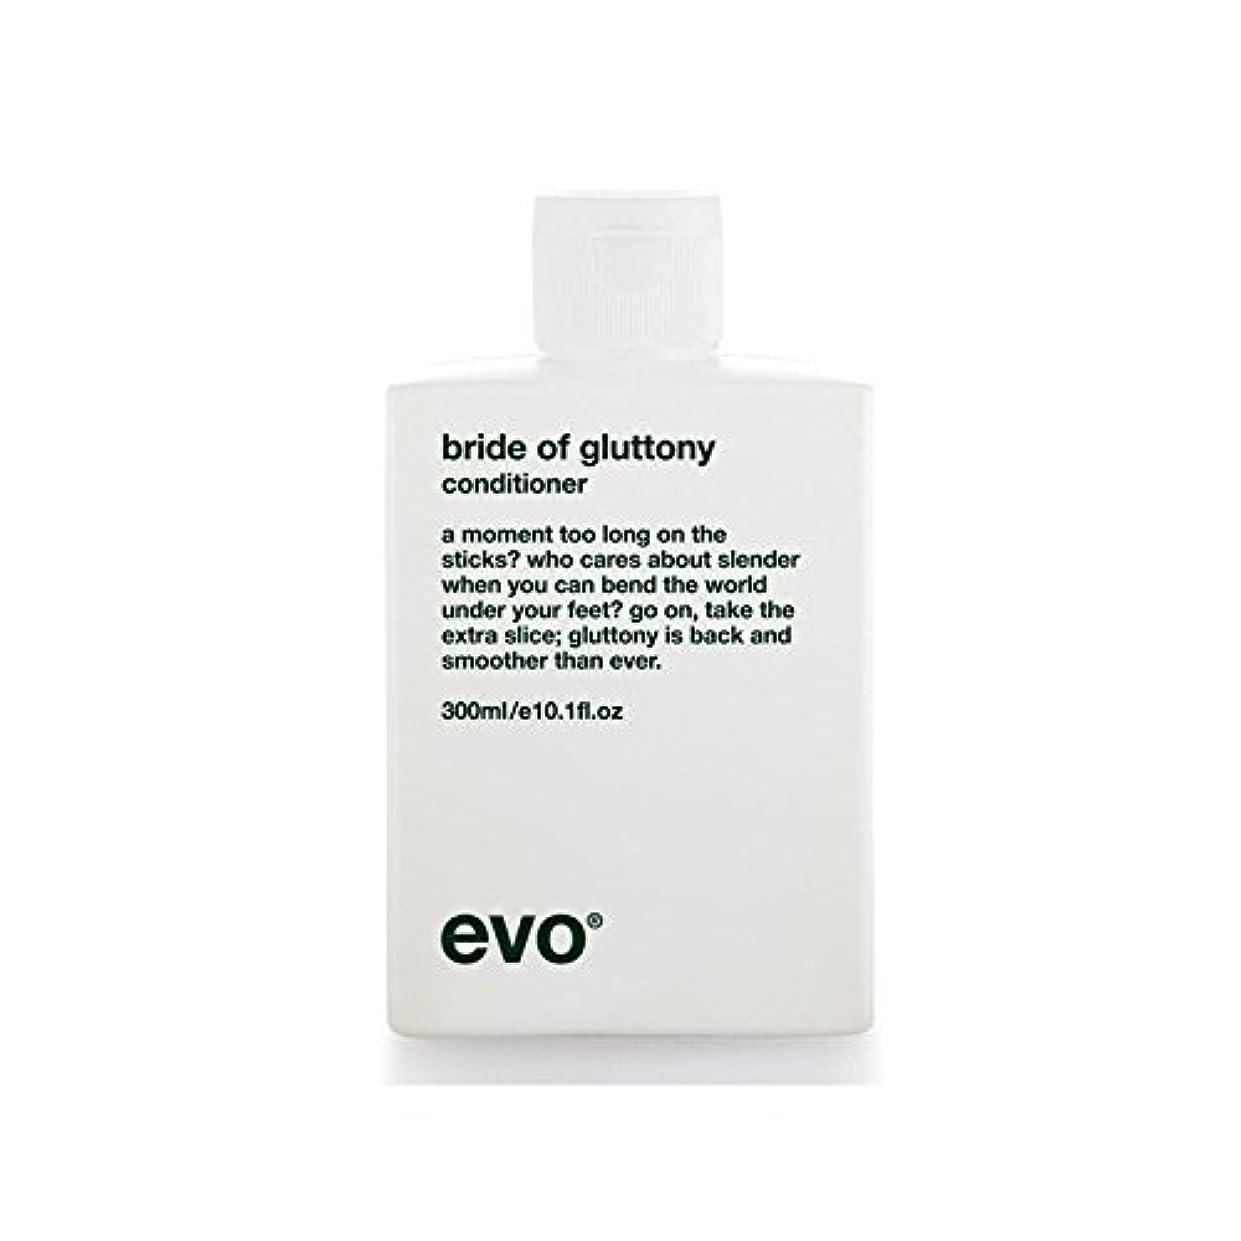 に応じて郡敬飽食のボリュームコンディショナーのエボ花嫁 x2 - Evo Bride Of Gluttony Volume Conditioner (Pack of 2) [並行輸入品]